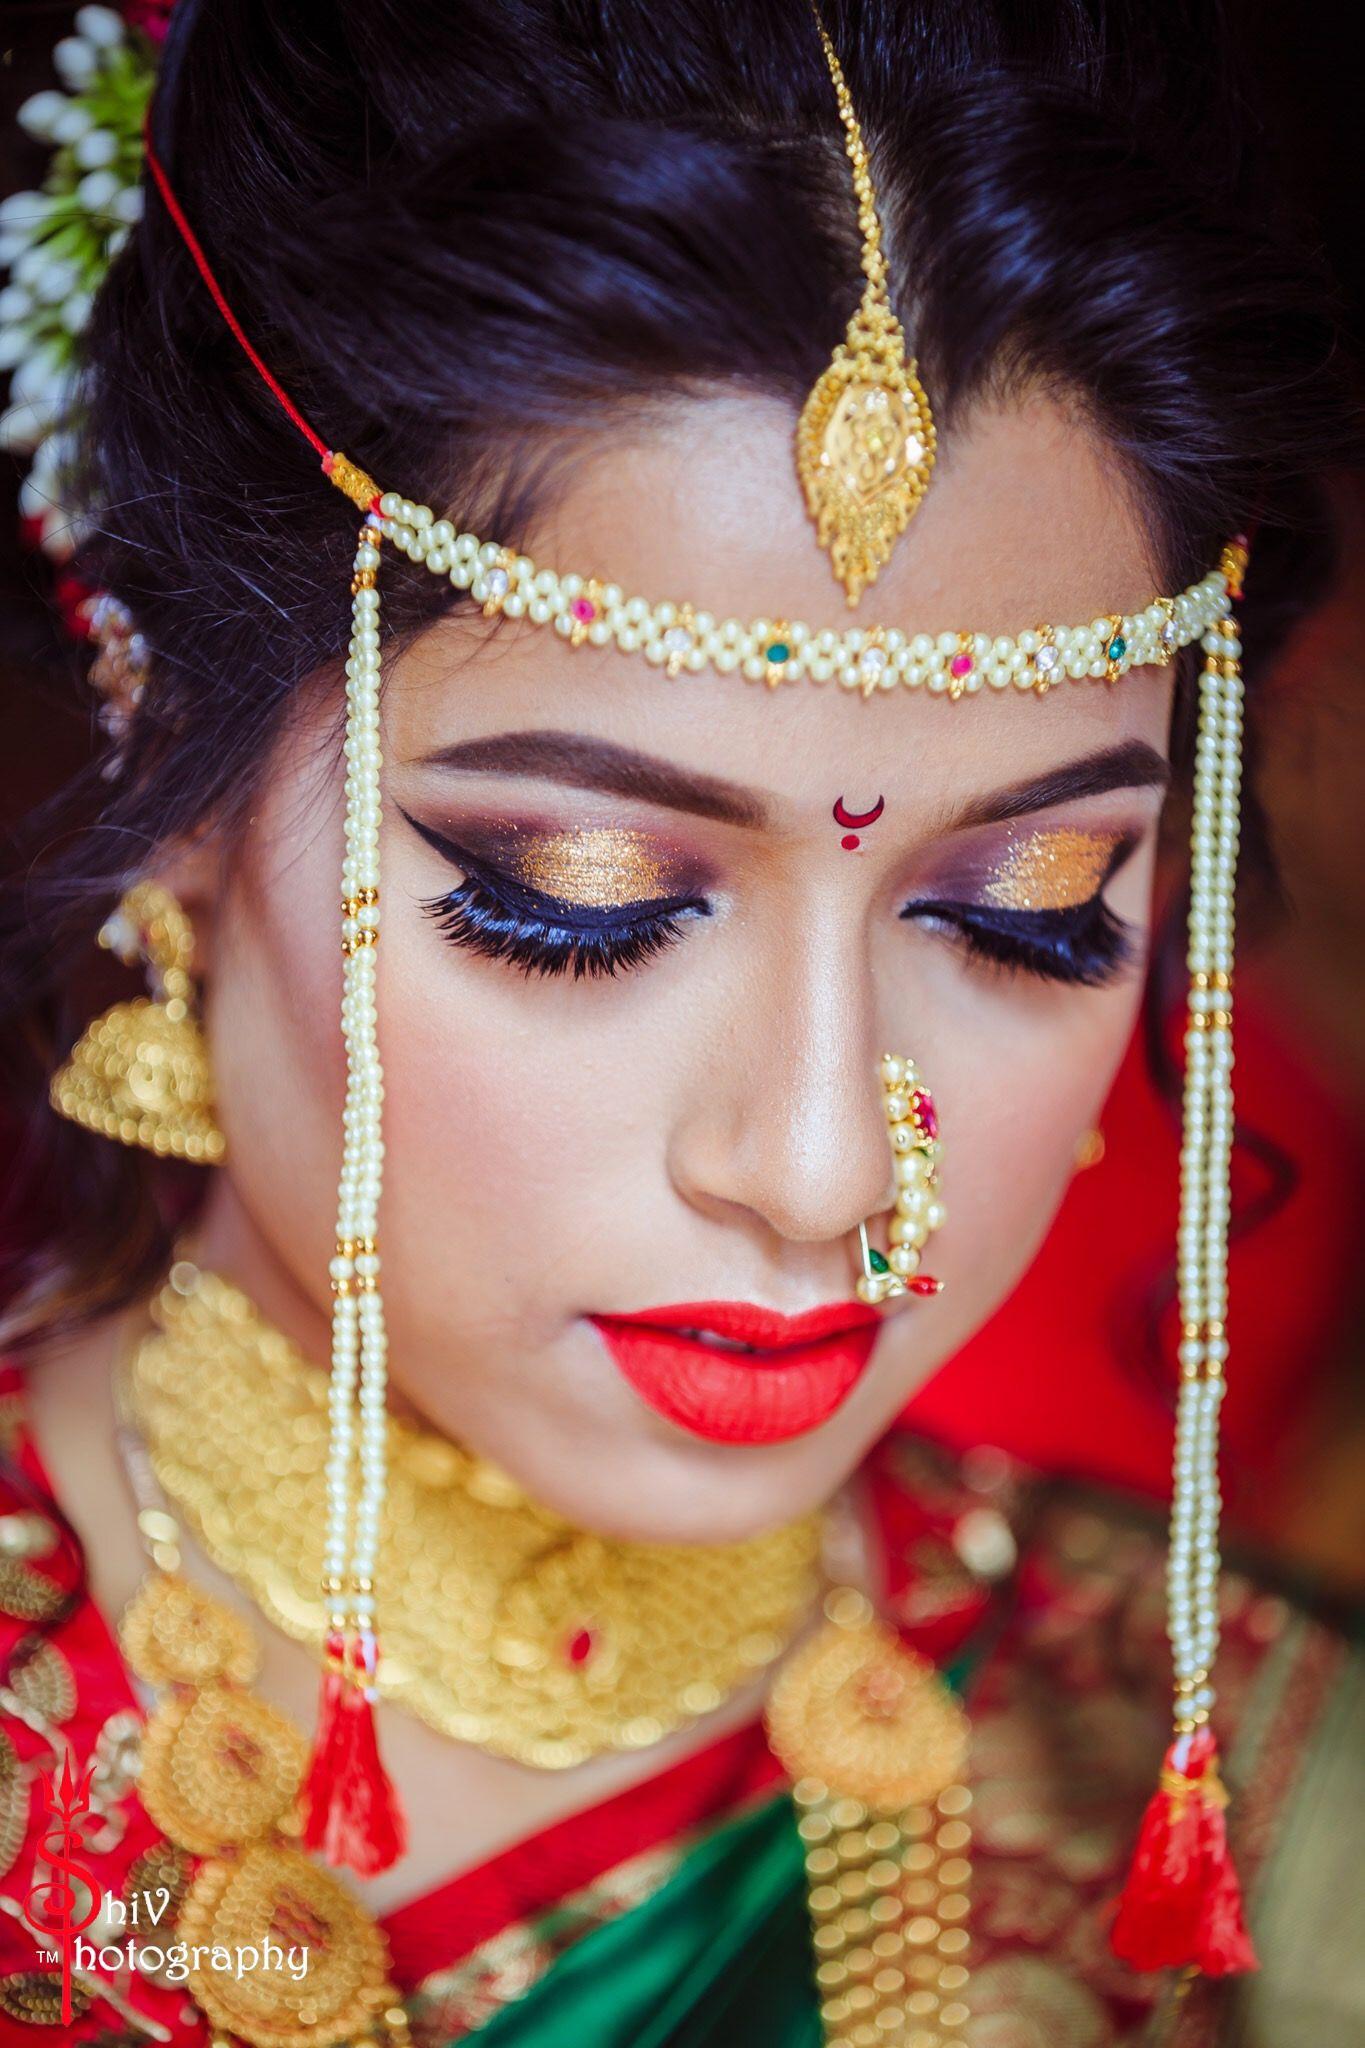 how to put bridal makeup